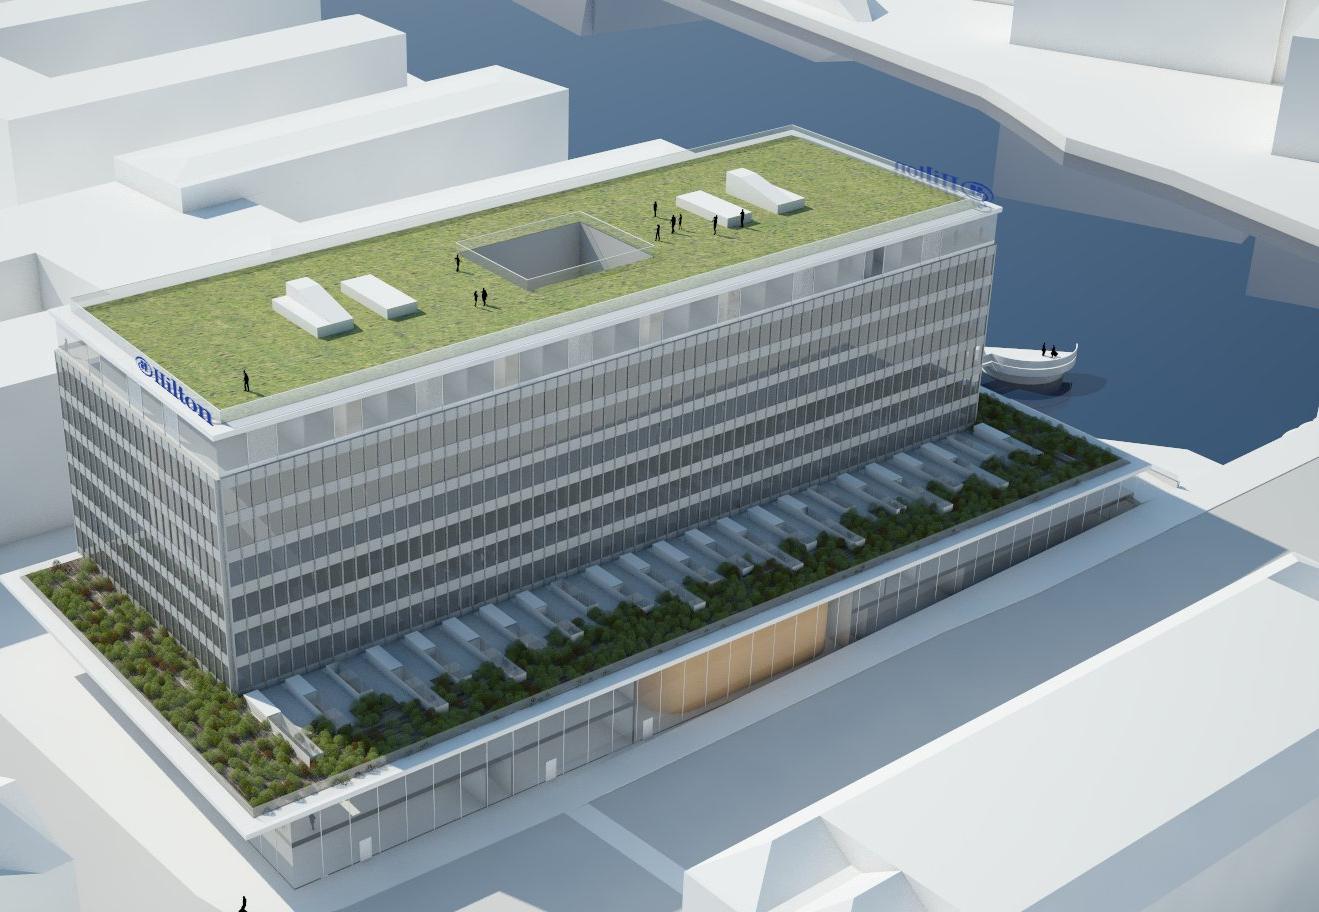 5-stjernede Hilton Copenhagen City åbner nu efter planen i sommeren 2021 ved Knippelsbro i Københavns Havn. Illustration: Hilton.